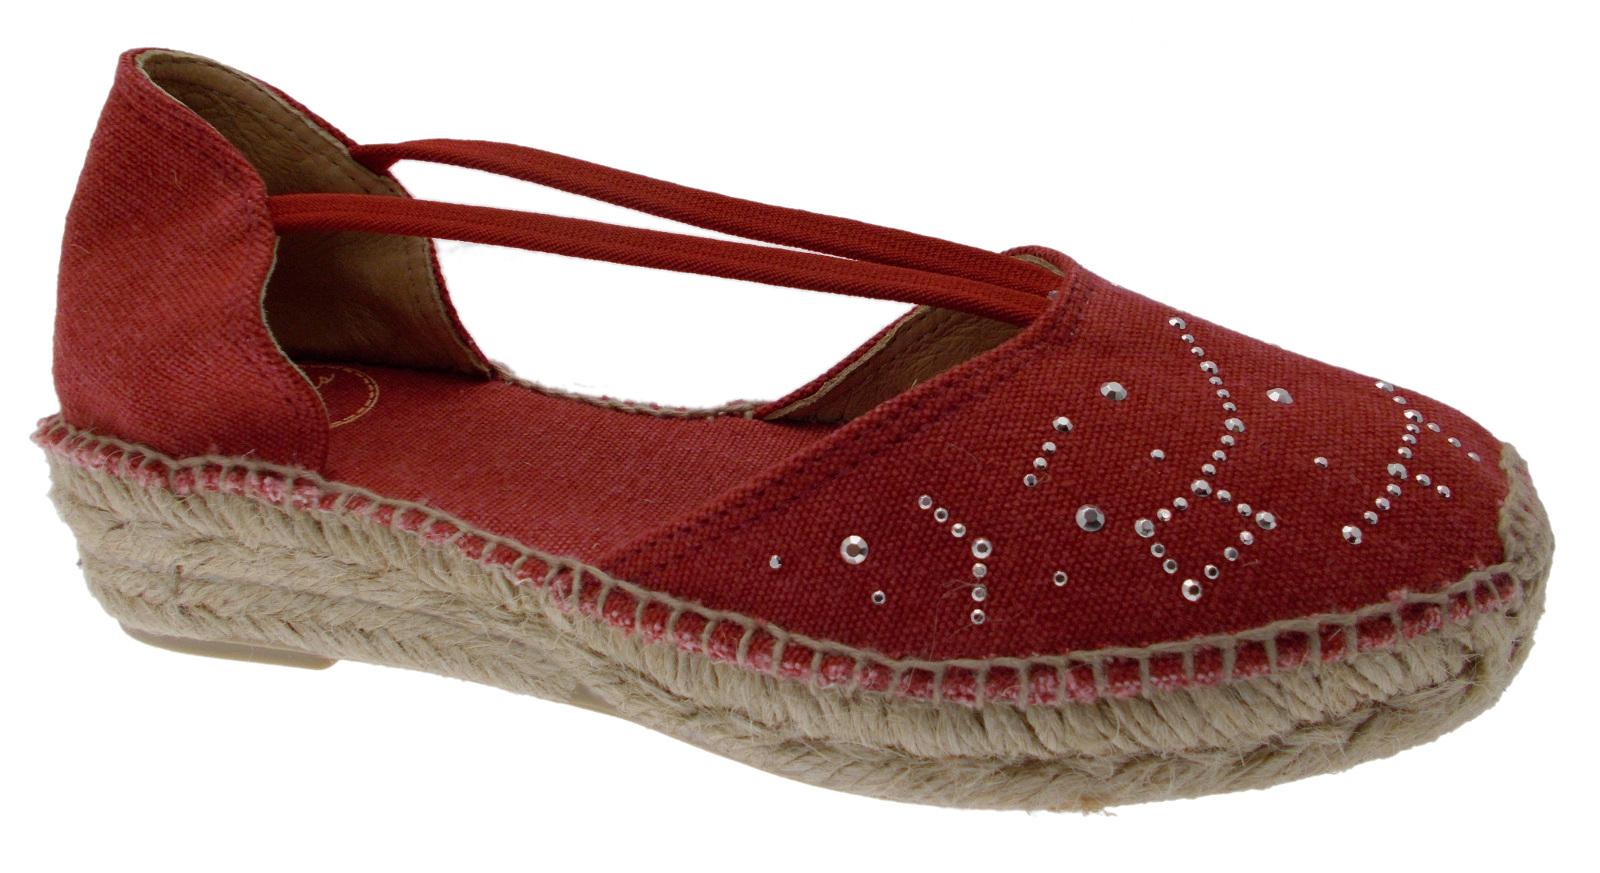 buy online 4e8f0 c3adb ERLA -TR SCARPA sandalo rosso espadrillas Toni Pons